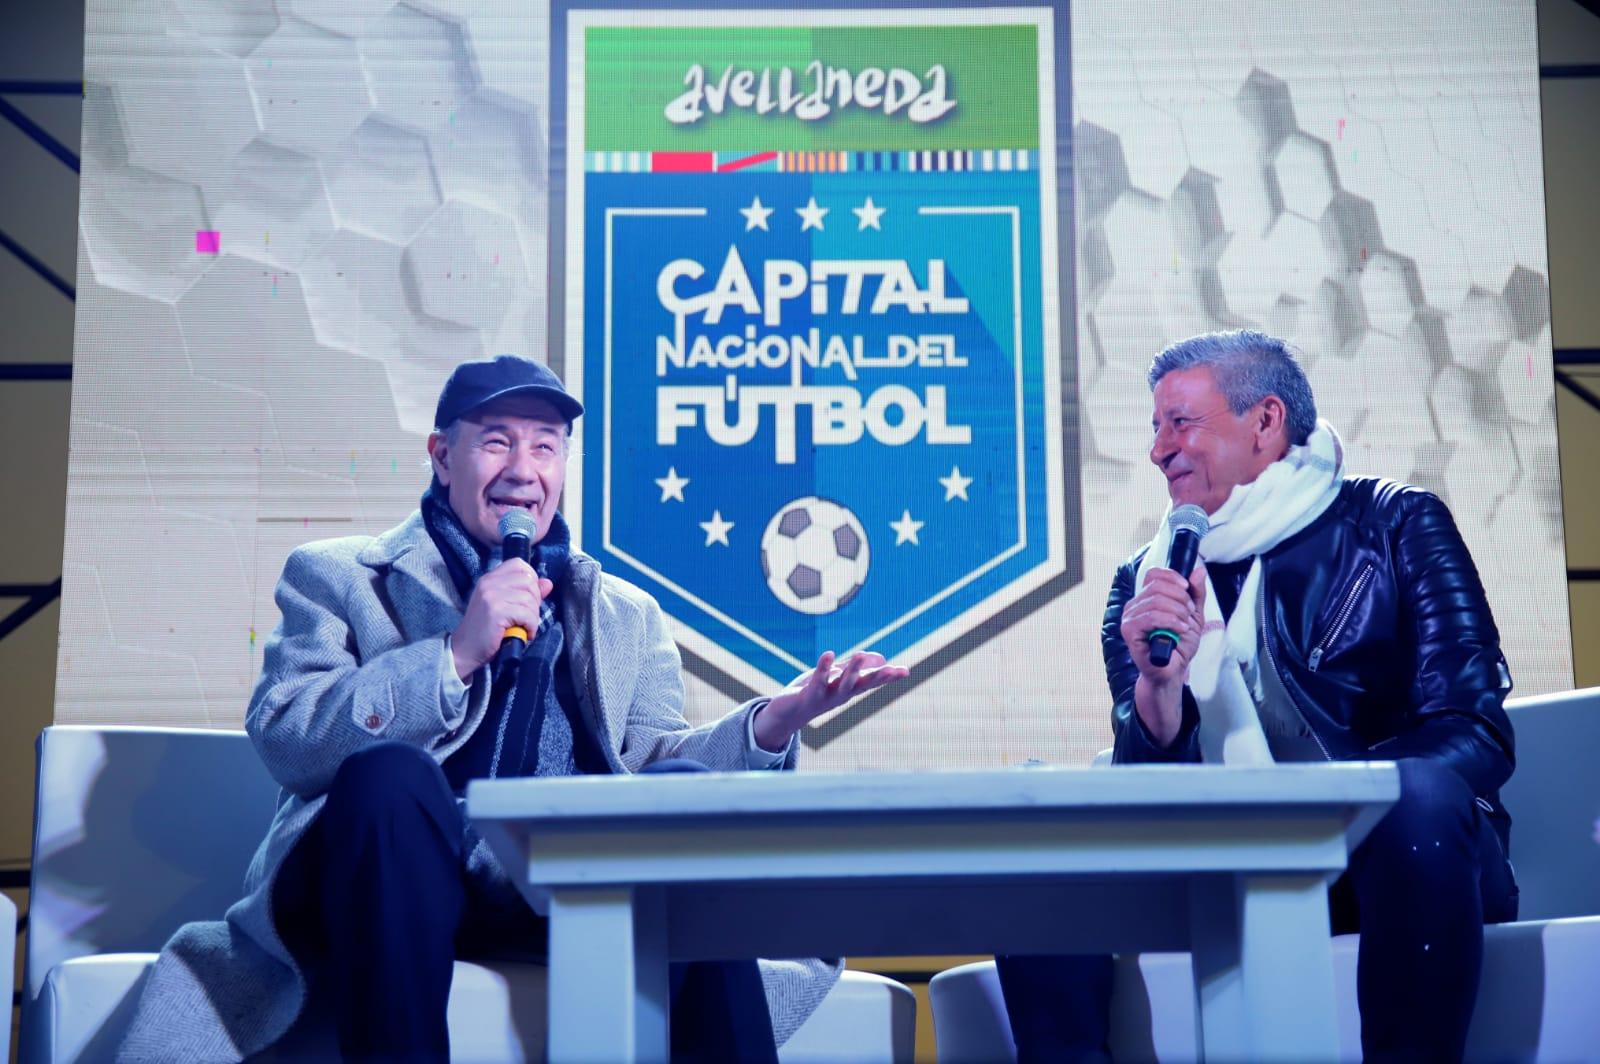 Miles de vecinos y vecinas disfrutaron la fiesta de la Capital Nacional del Fútbol